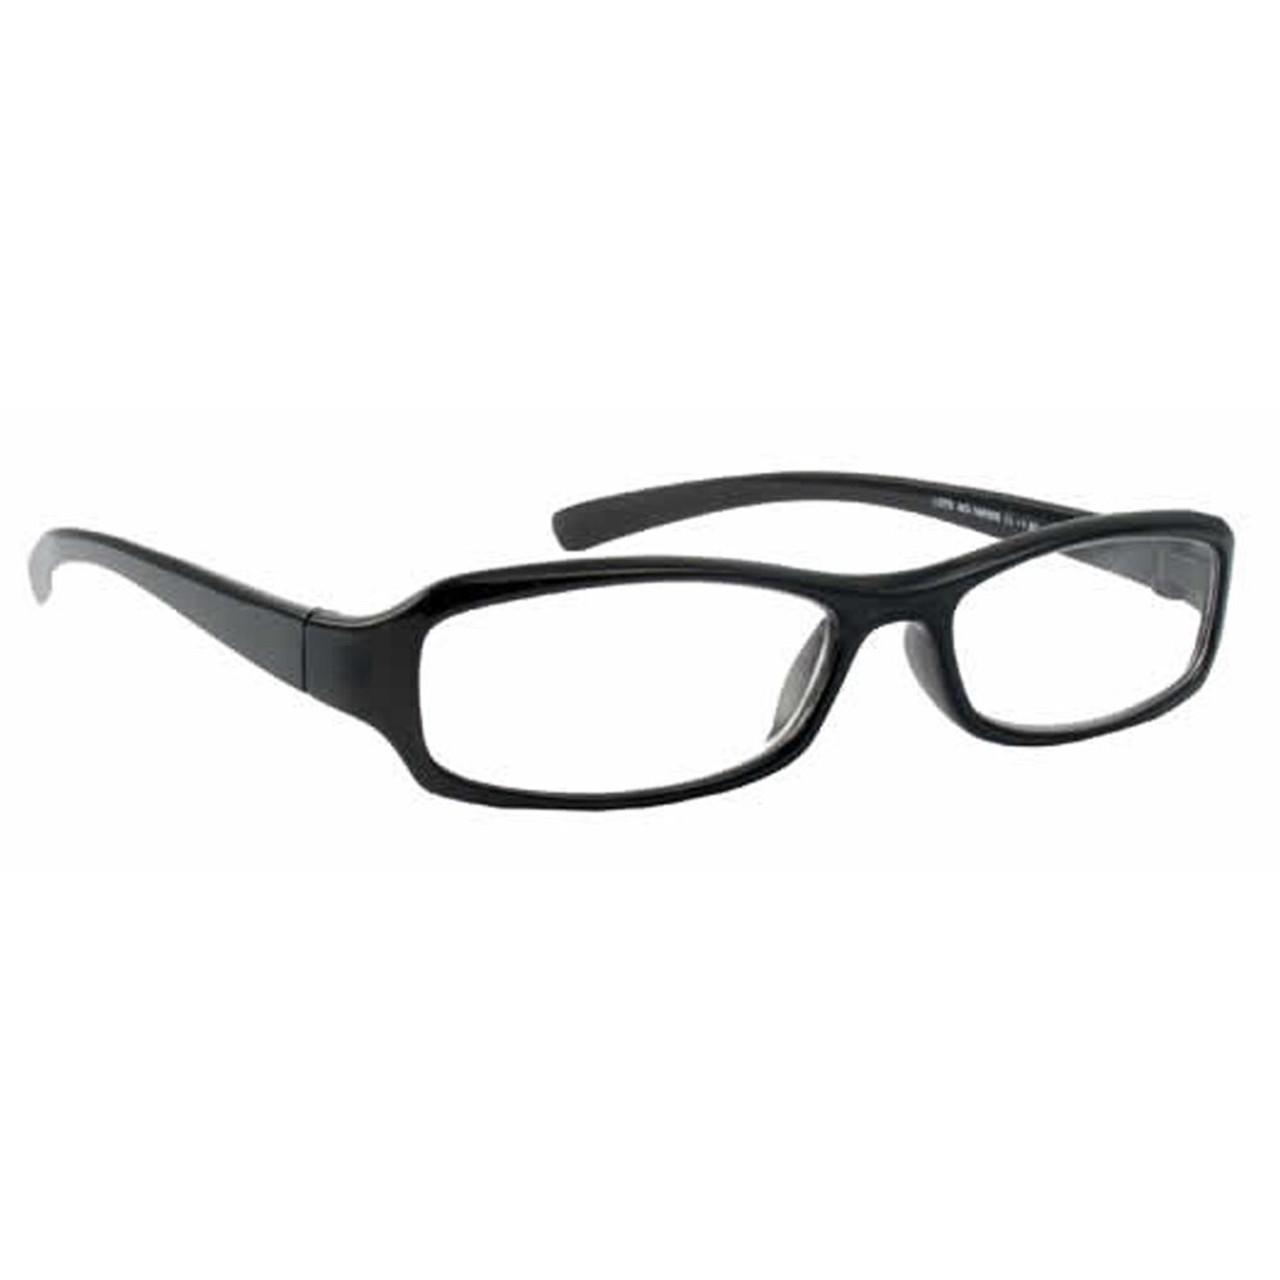 Classic Unisex Reading Glasses, Black, +4